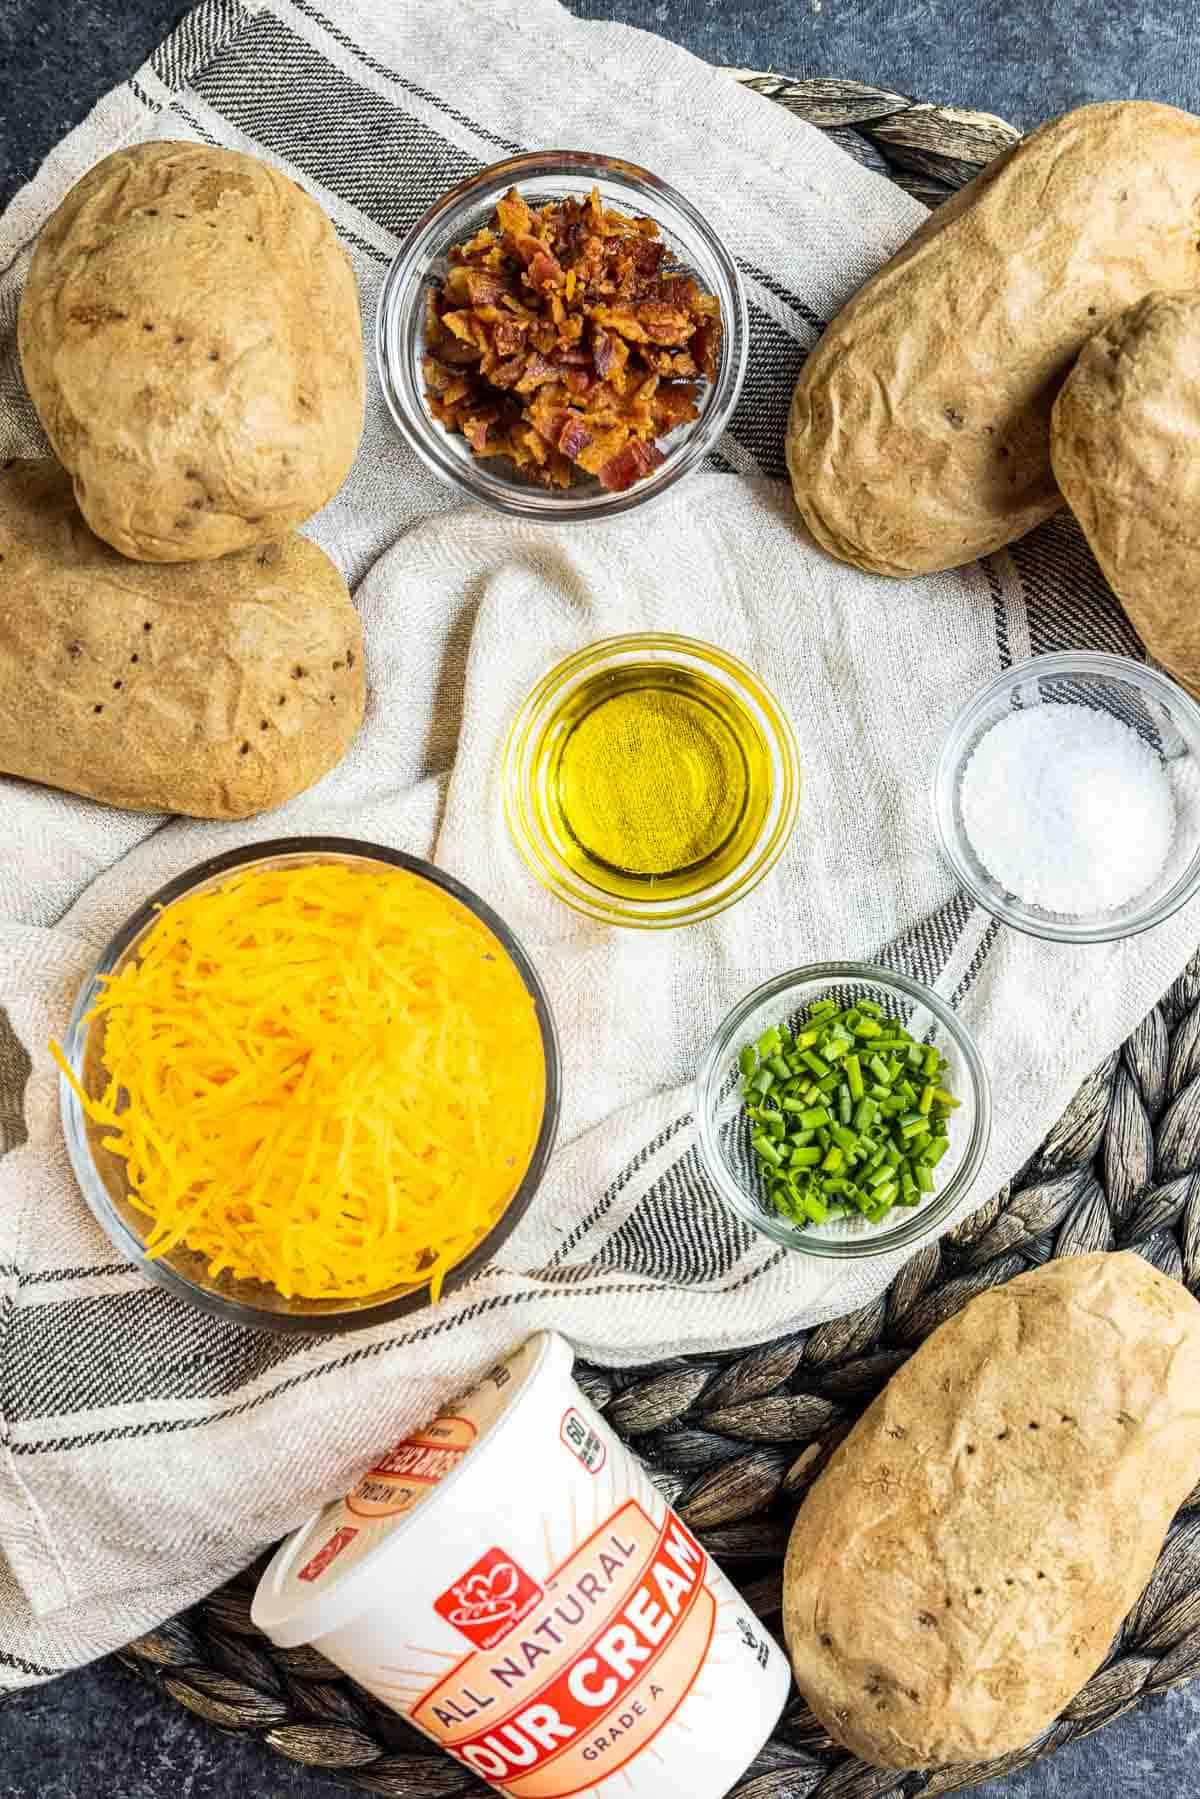 ingredients to make Air Fryer Potato Skins